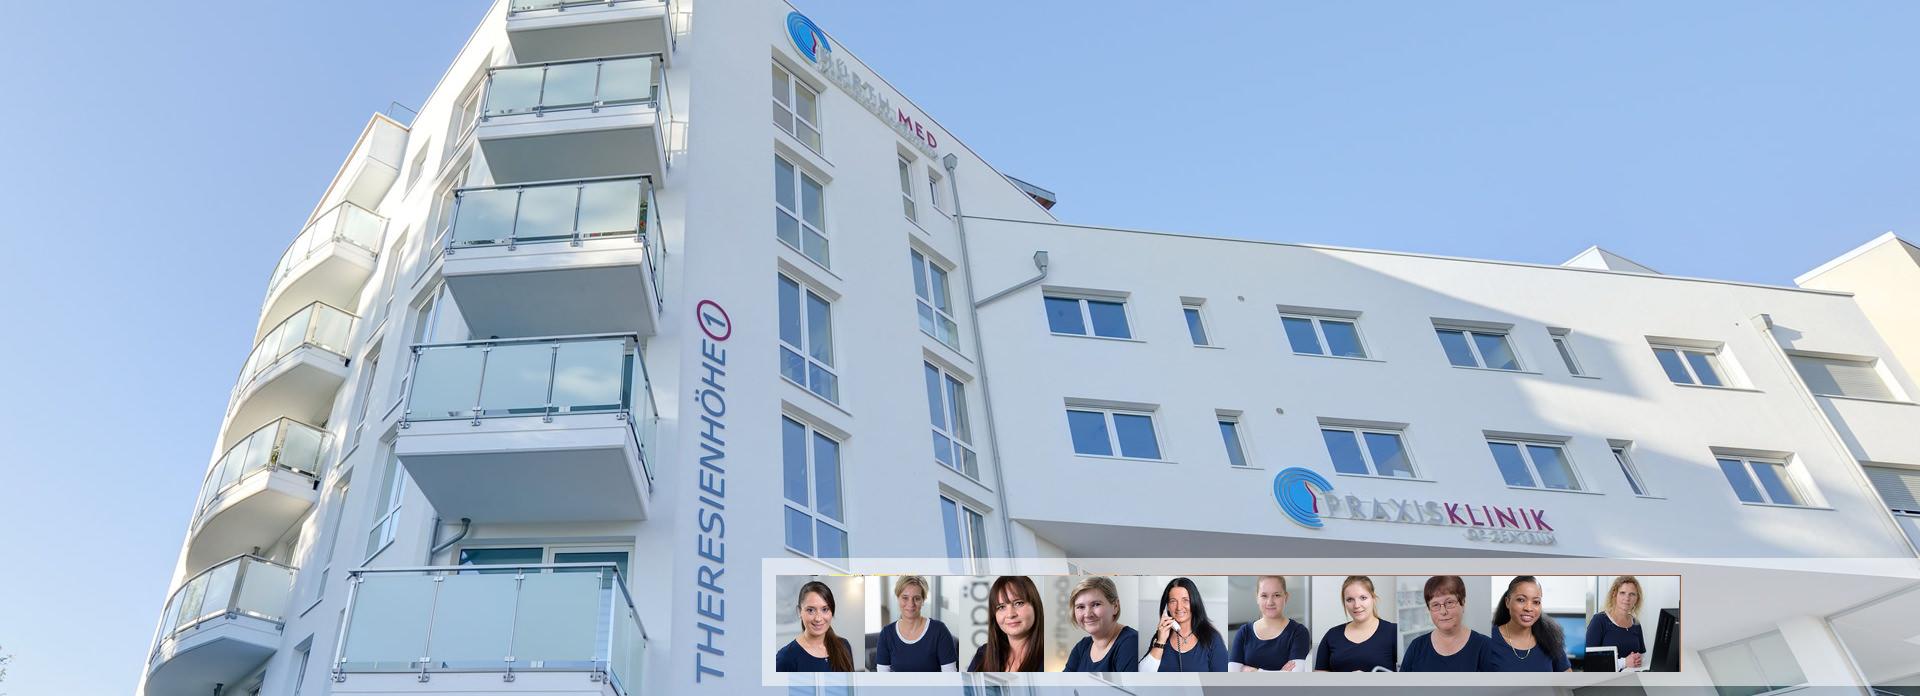 Dr-Merkle-Praxisklinik